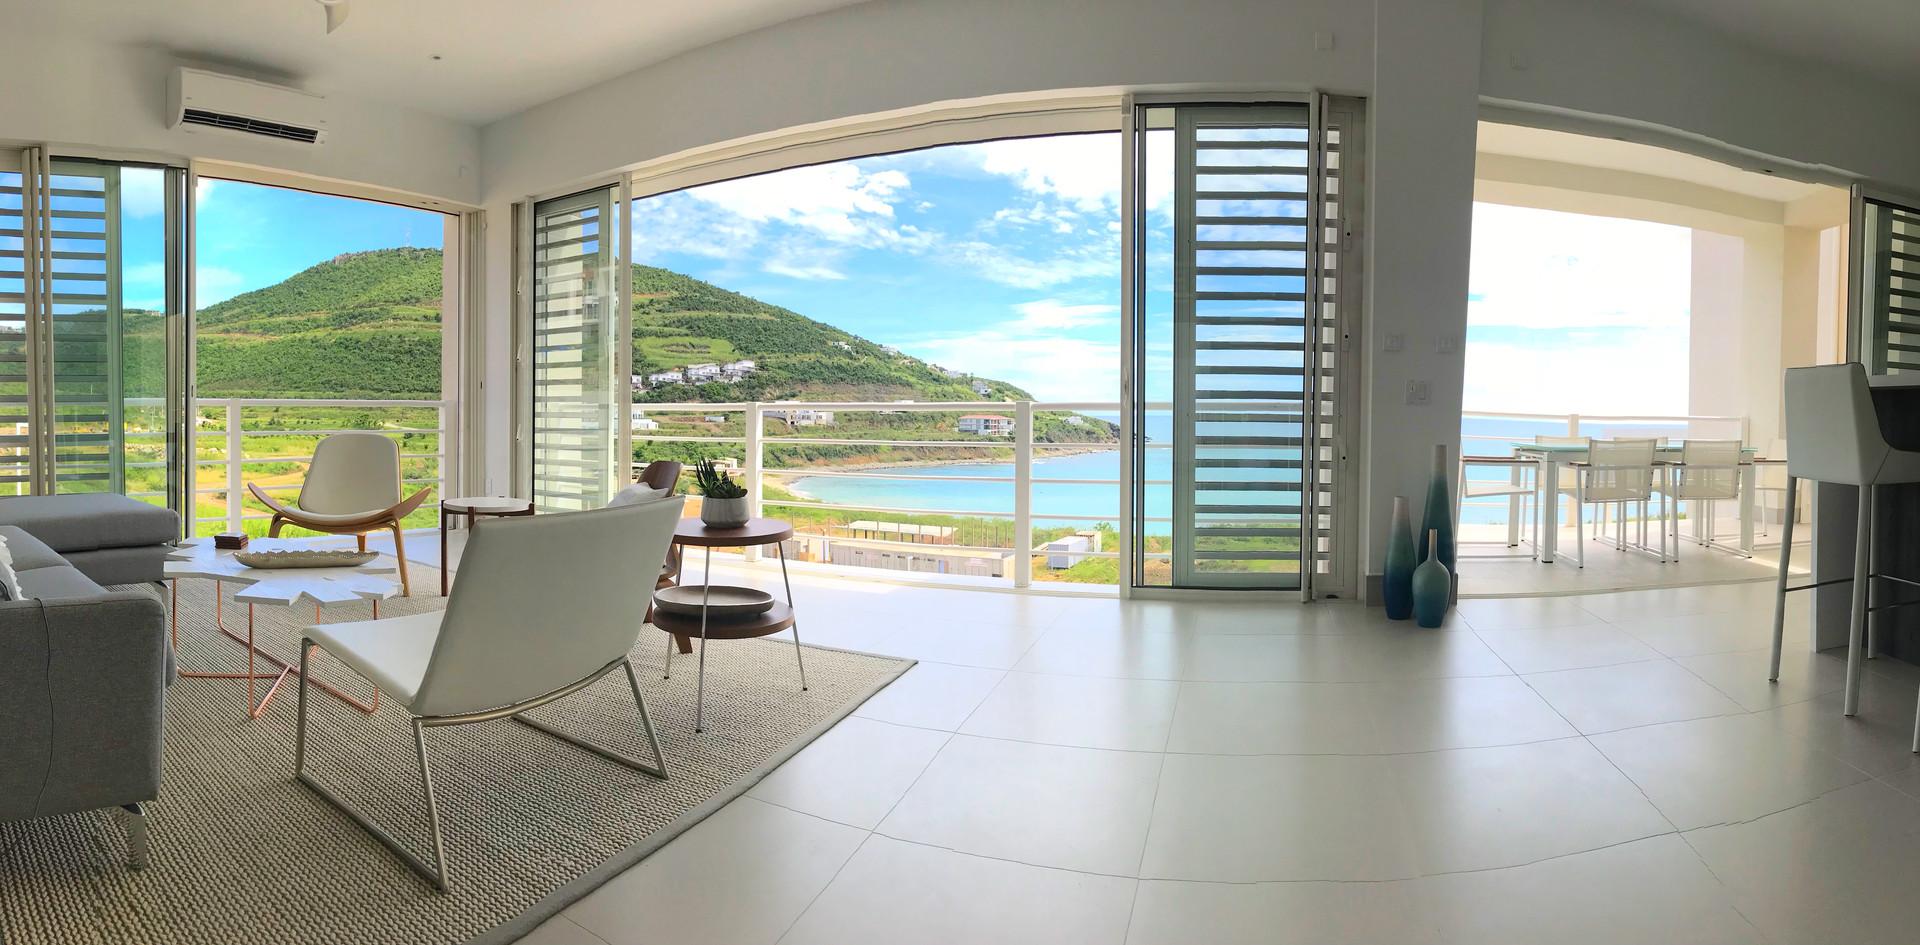 Pano view main floor